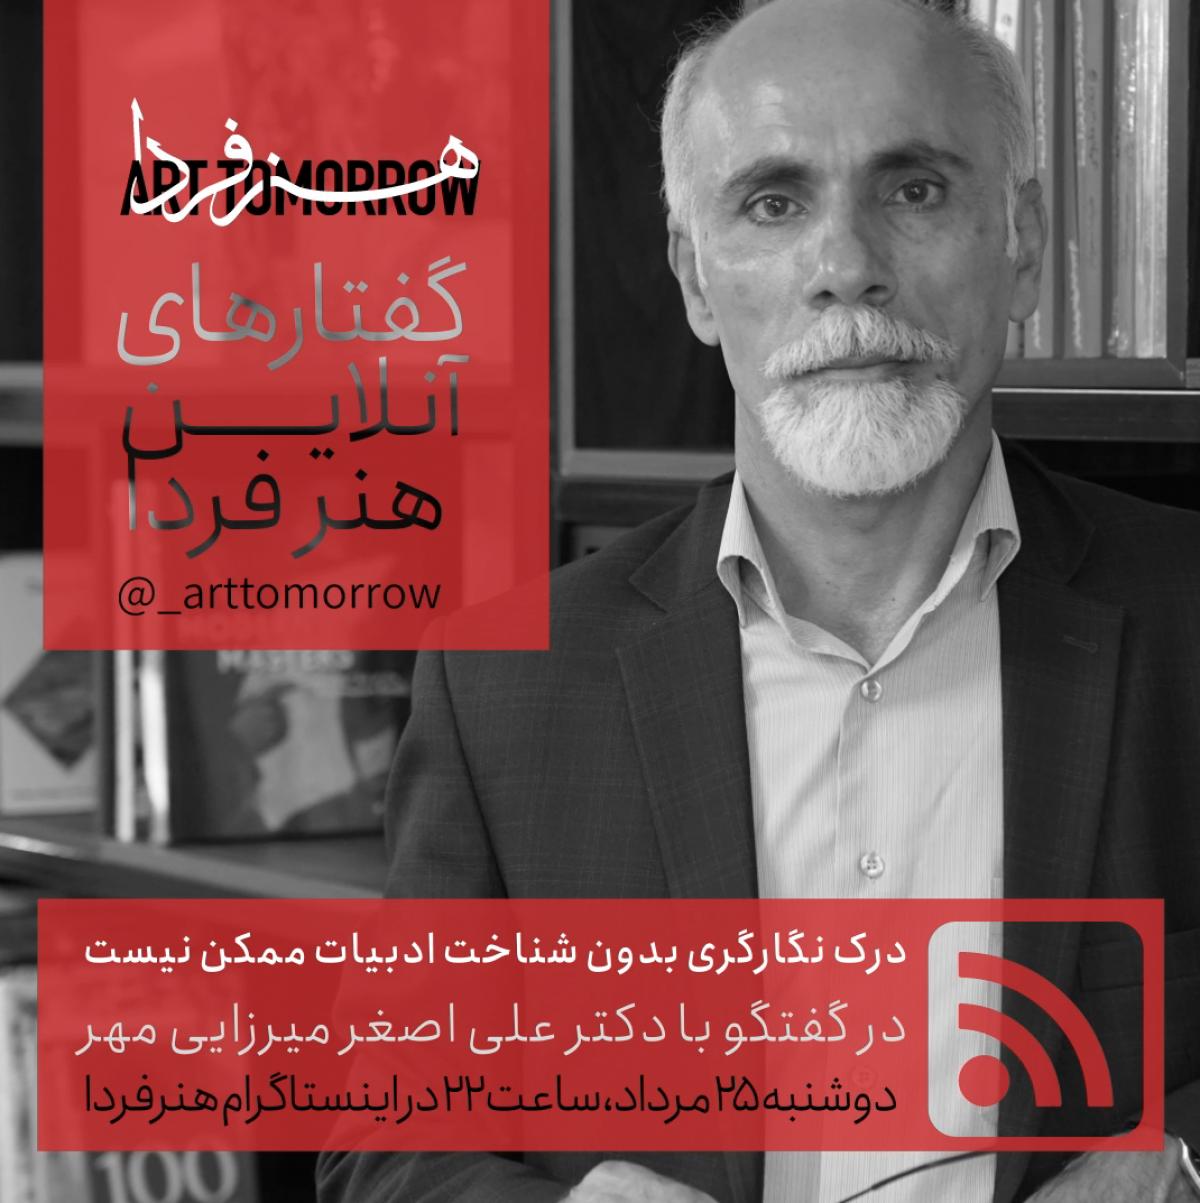 """دکتر علی اصغر میرزاییمهر سیوپنجمین مهمان """"گفتارهای آنلاین هنر فردا"""""""